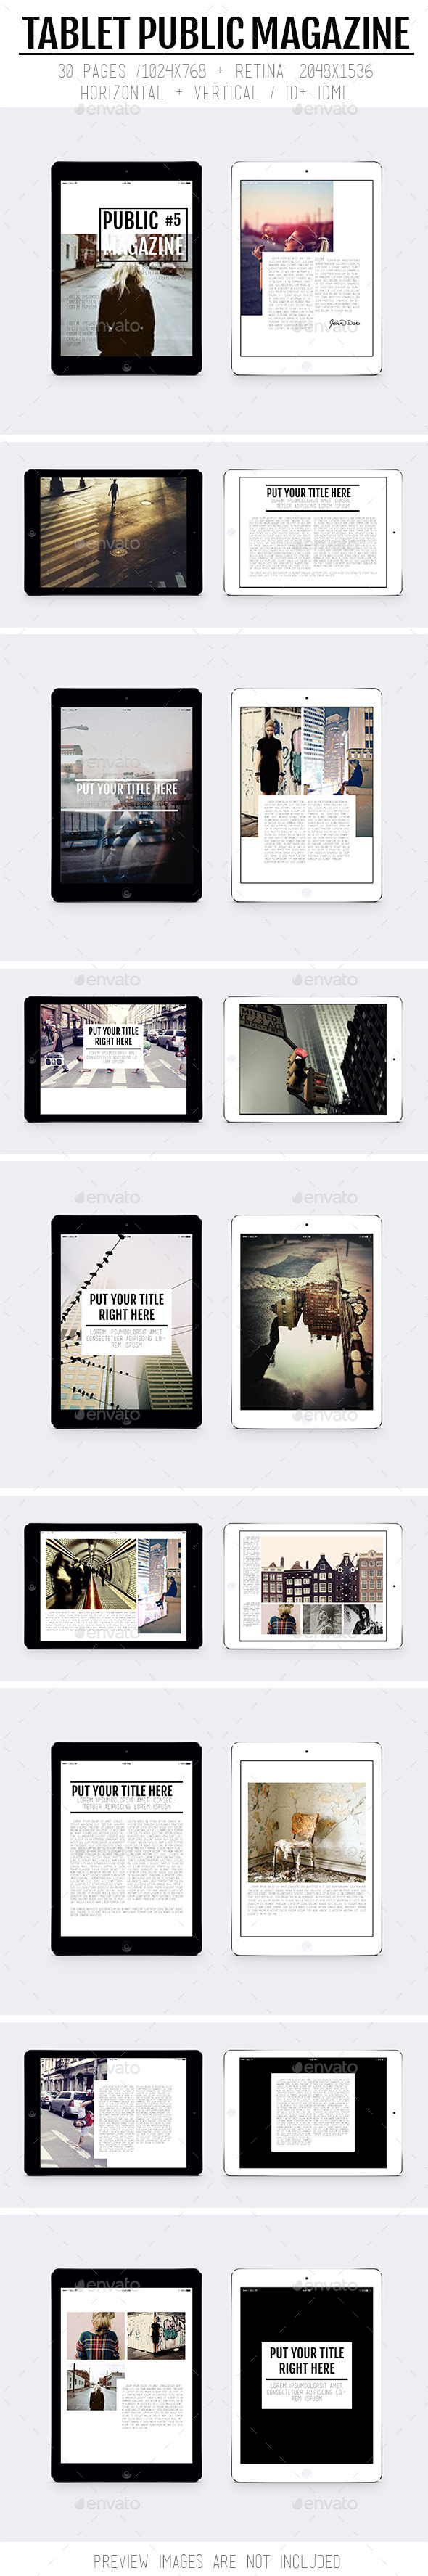 Tablet Public Magazine - Digital Magazines ePublishing